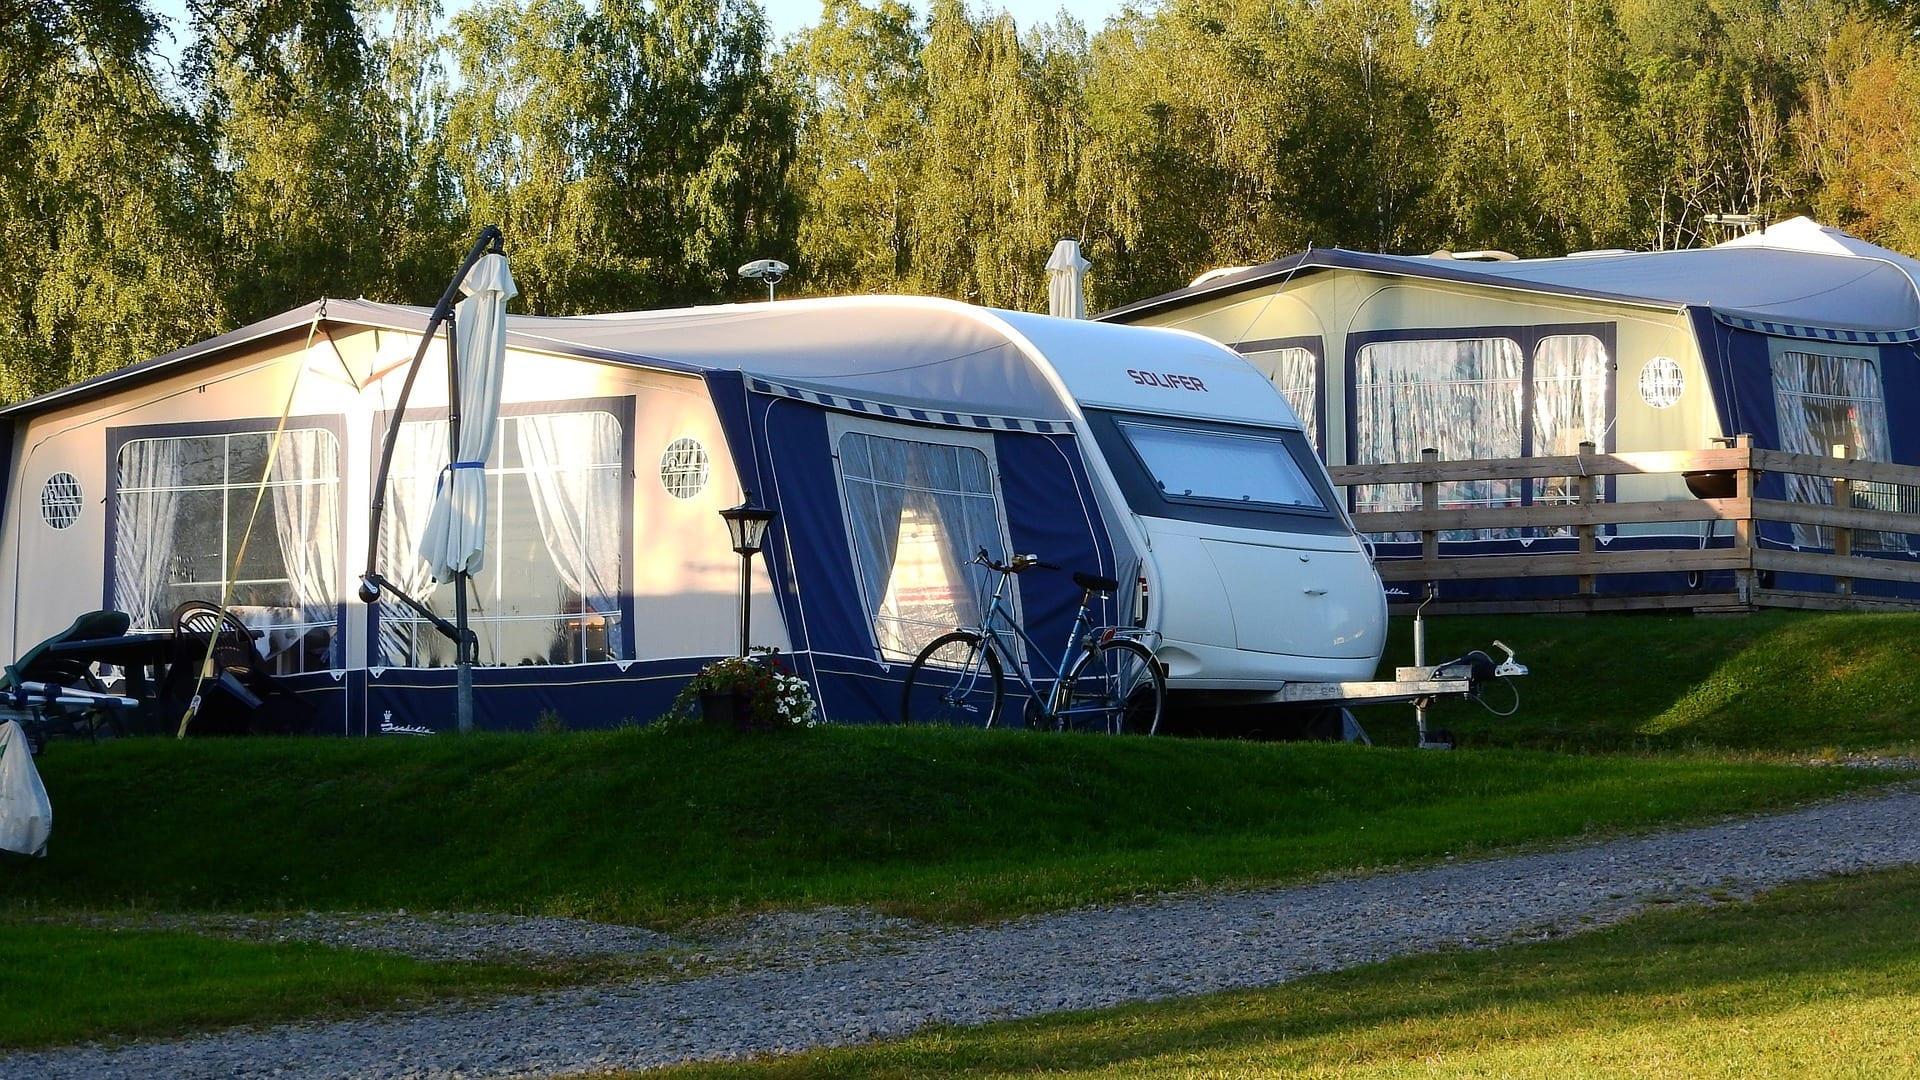 Alojamiento en un bungalow de camping en Londres, donde dormir, hacer turismo y alojarse